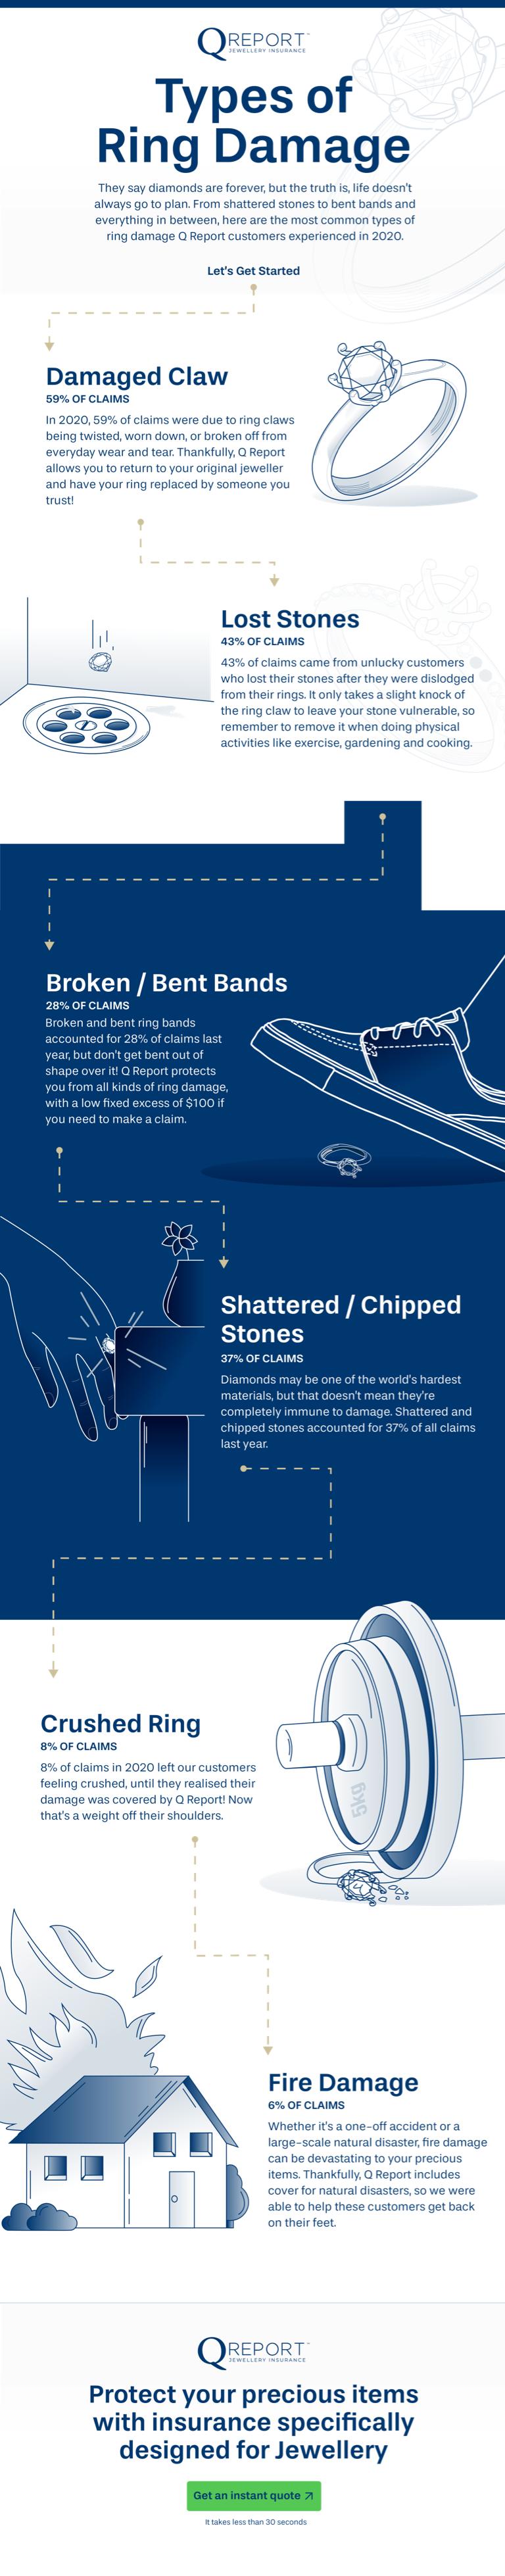 Types of Ring Damage Final